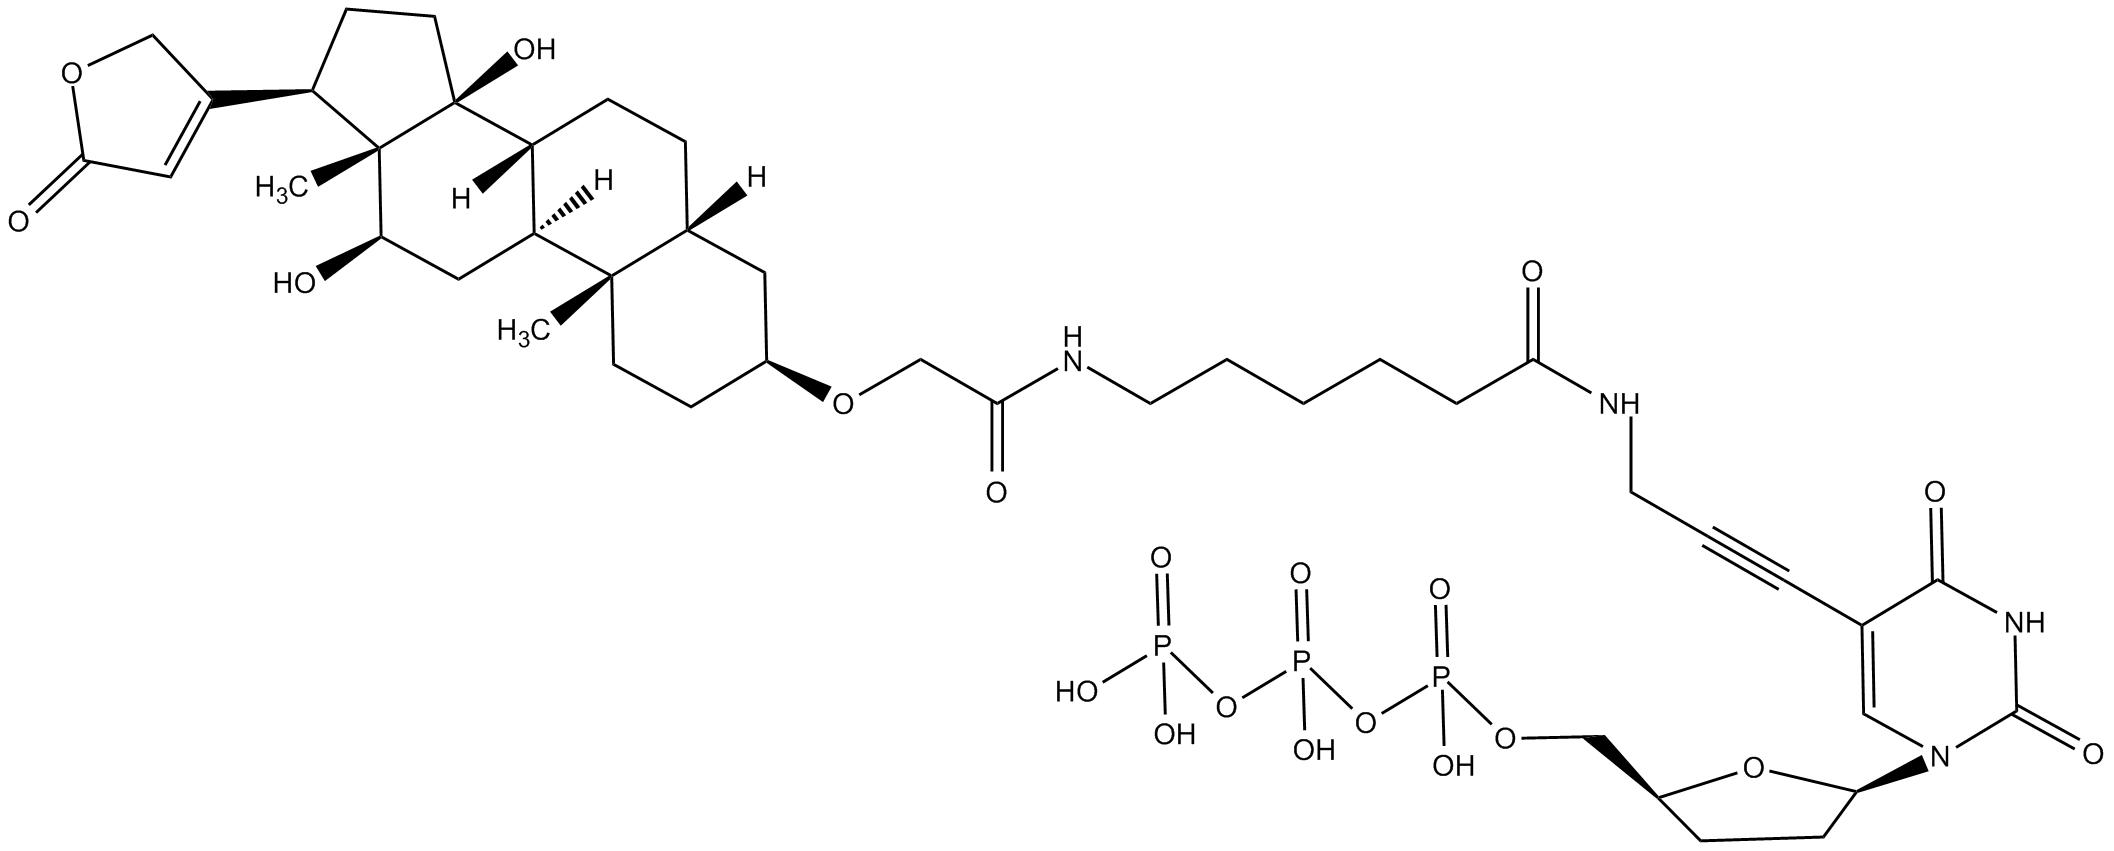 Digoxigenin-11-ddUTP